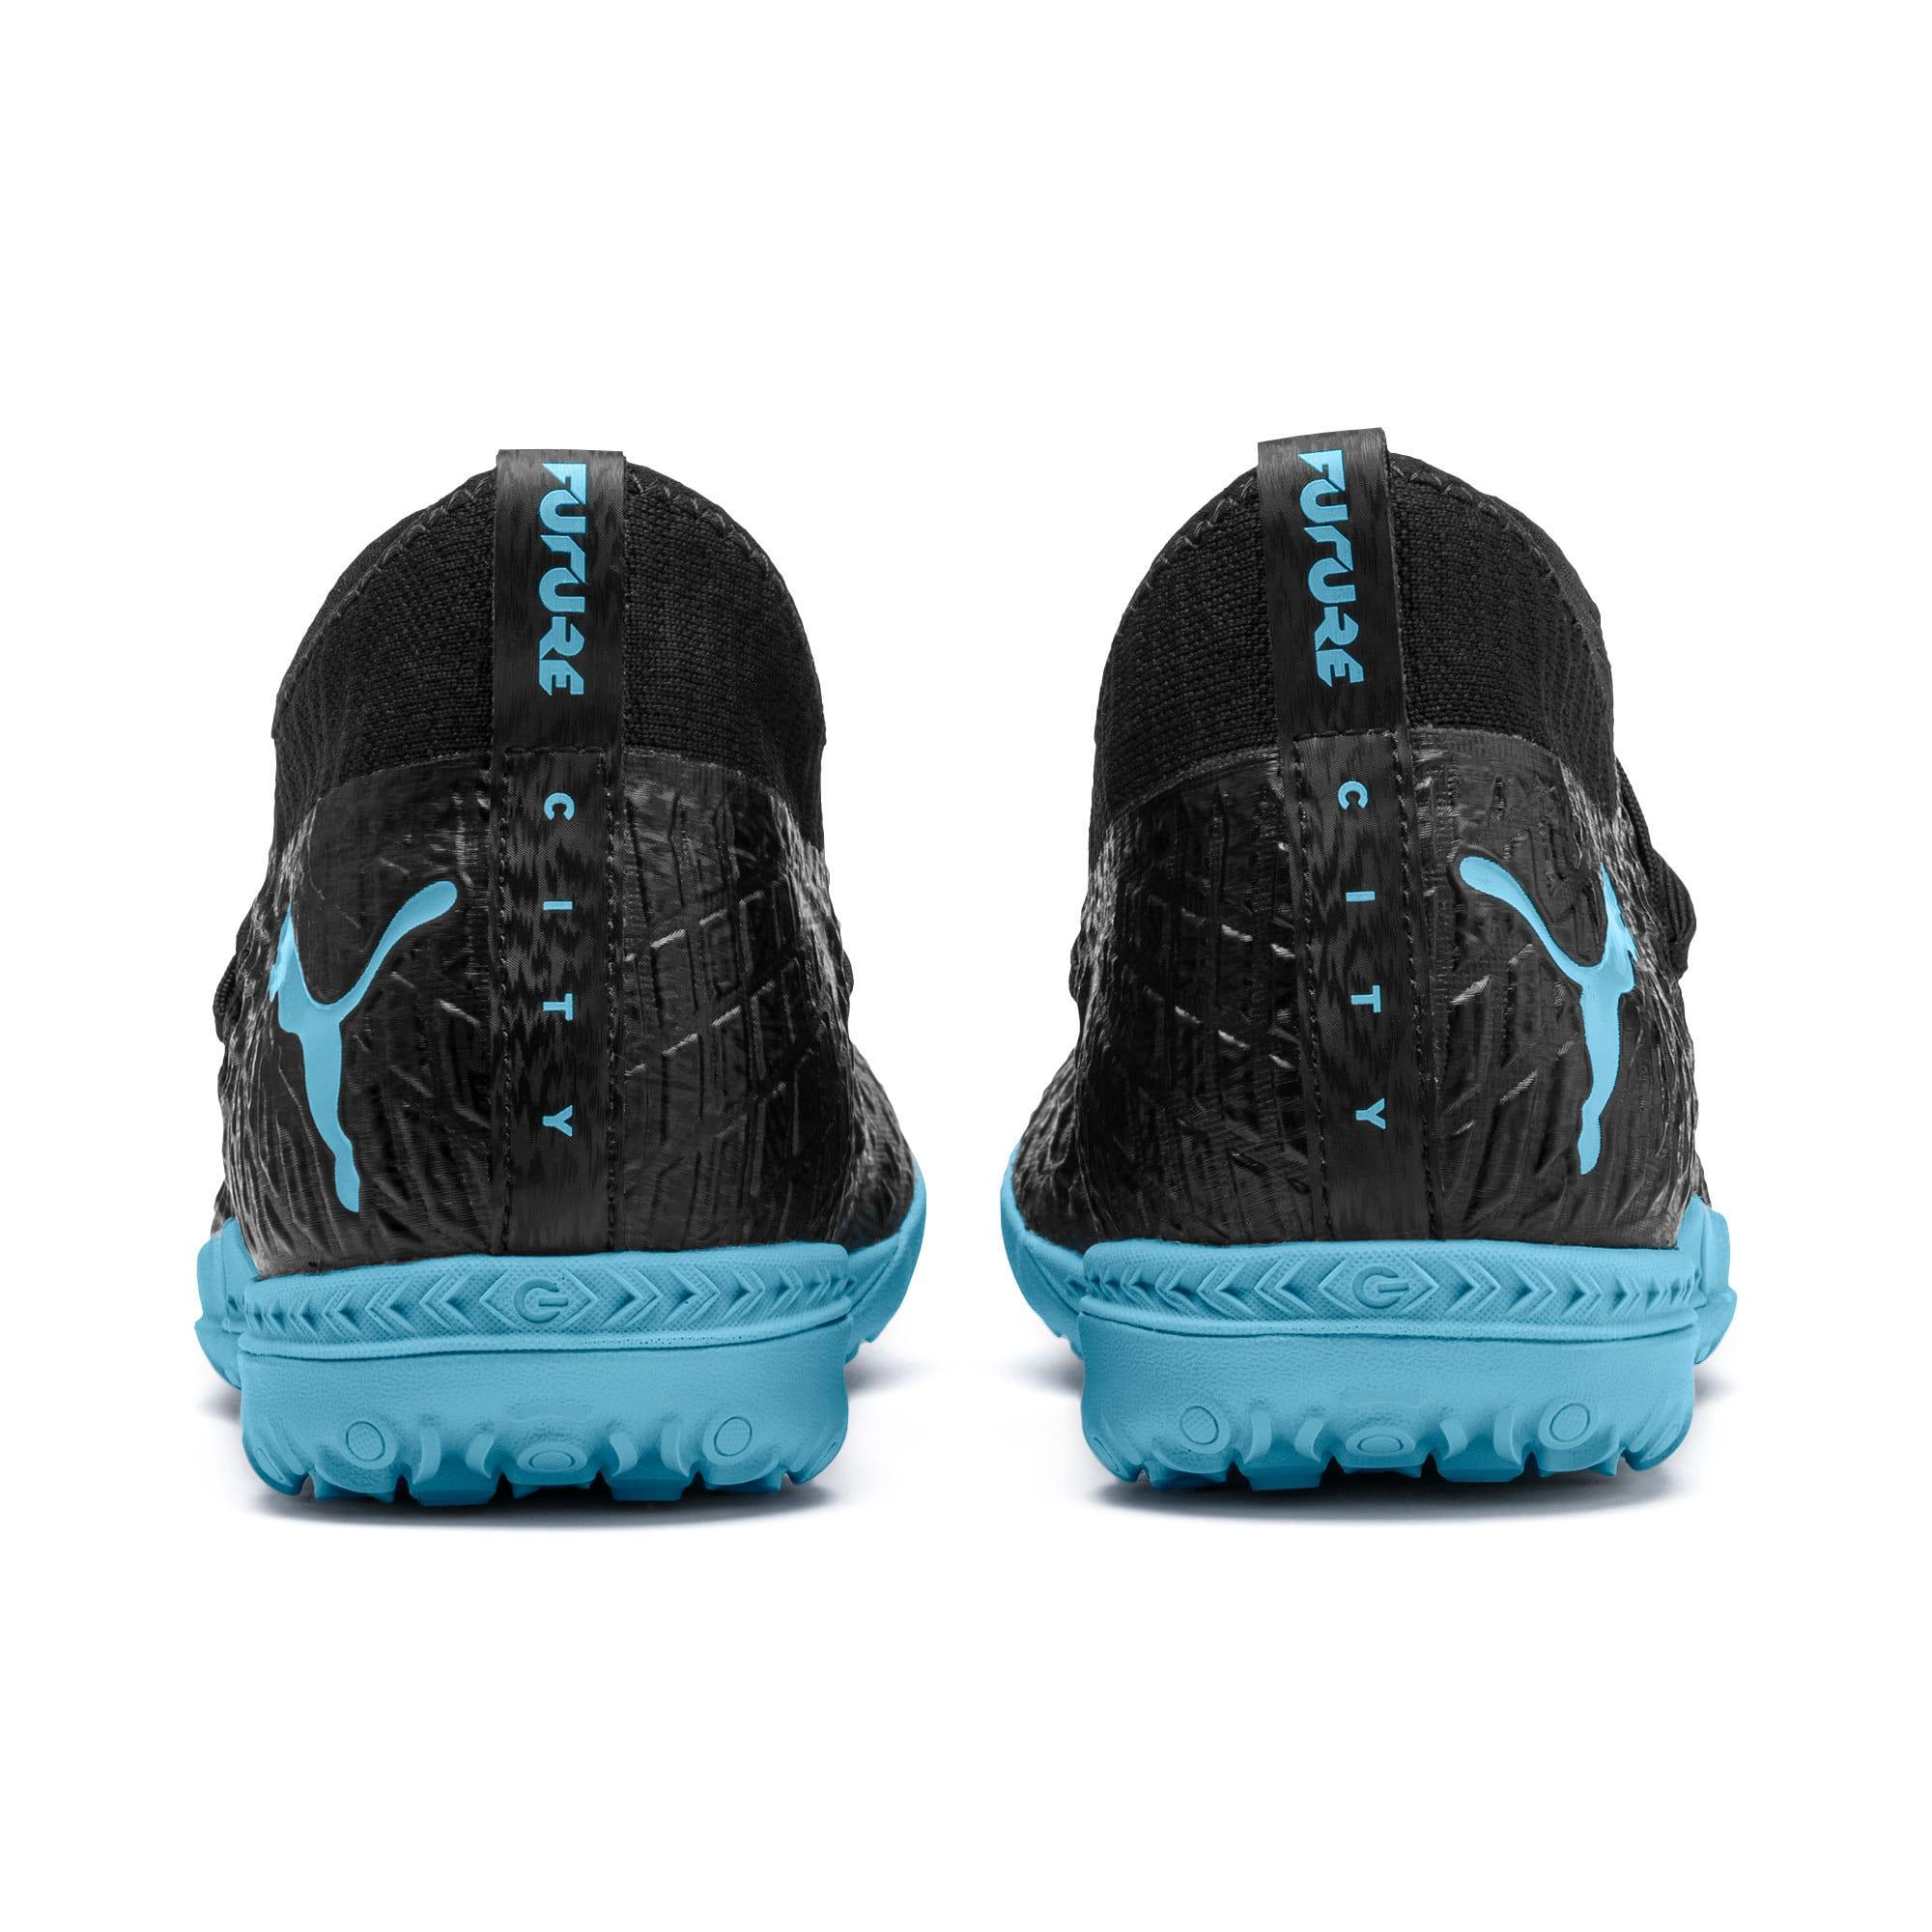 Thumbnail 4 of FUTURE 4.3 NETFIT City TT Men's Soccer Shoes, Black-Sky Blue-Puma White, medium